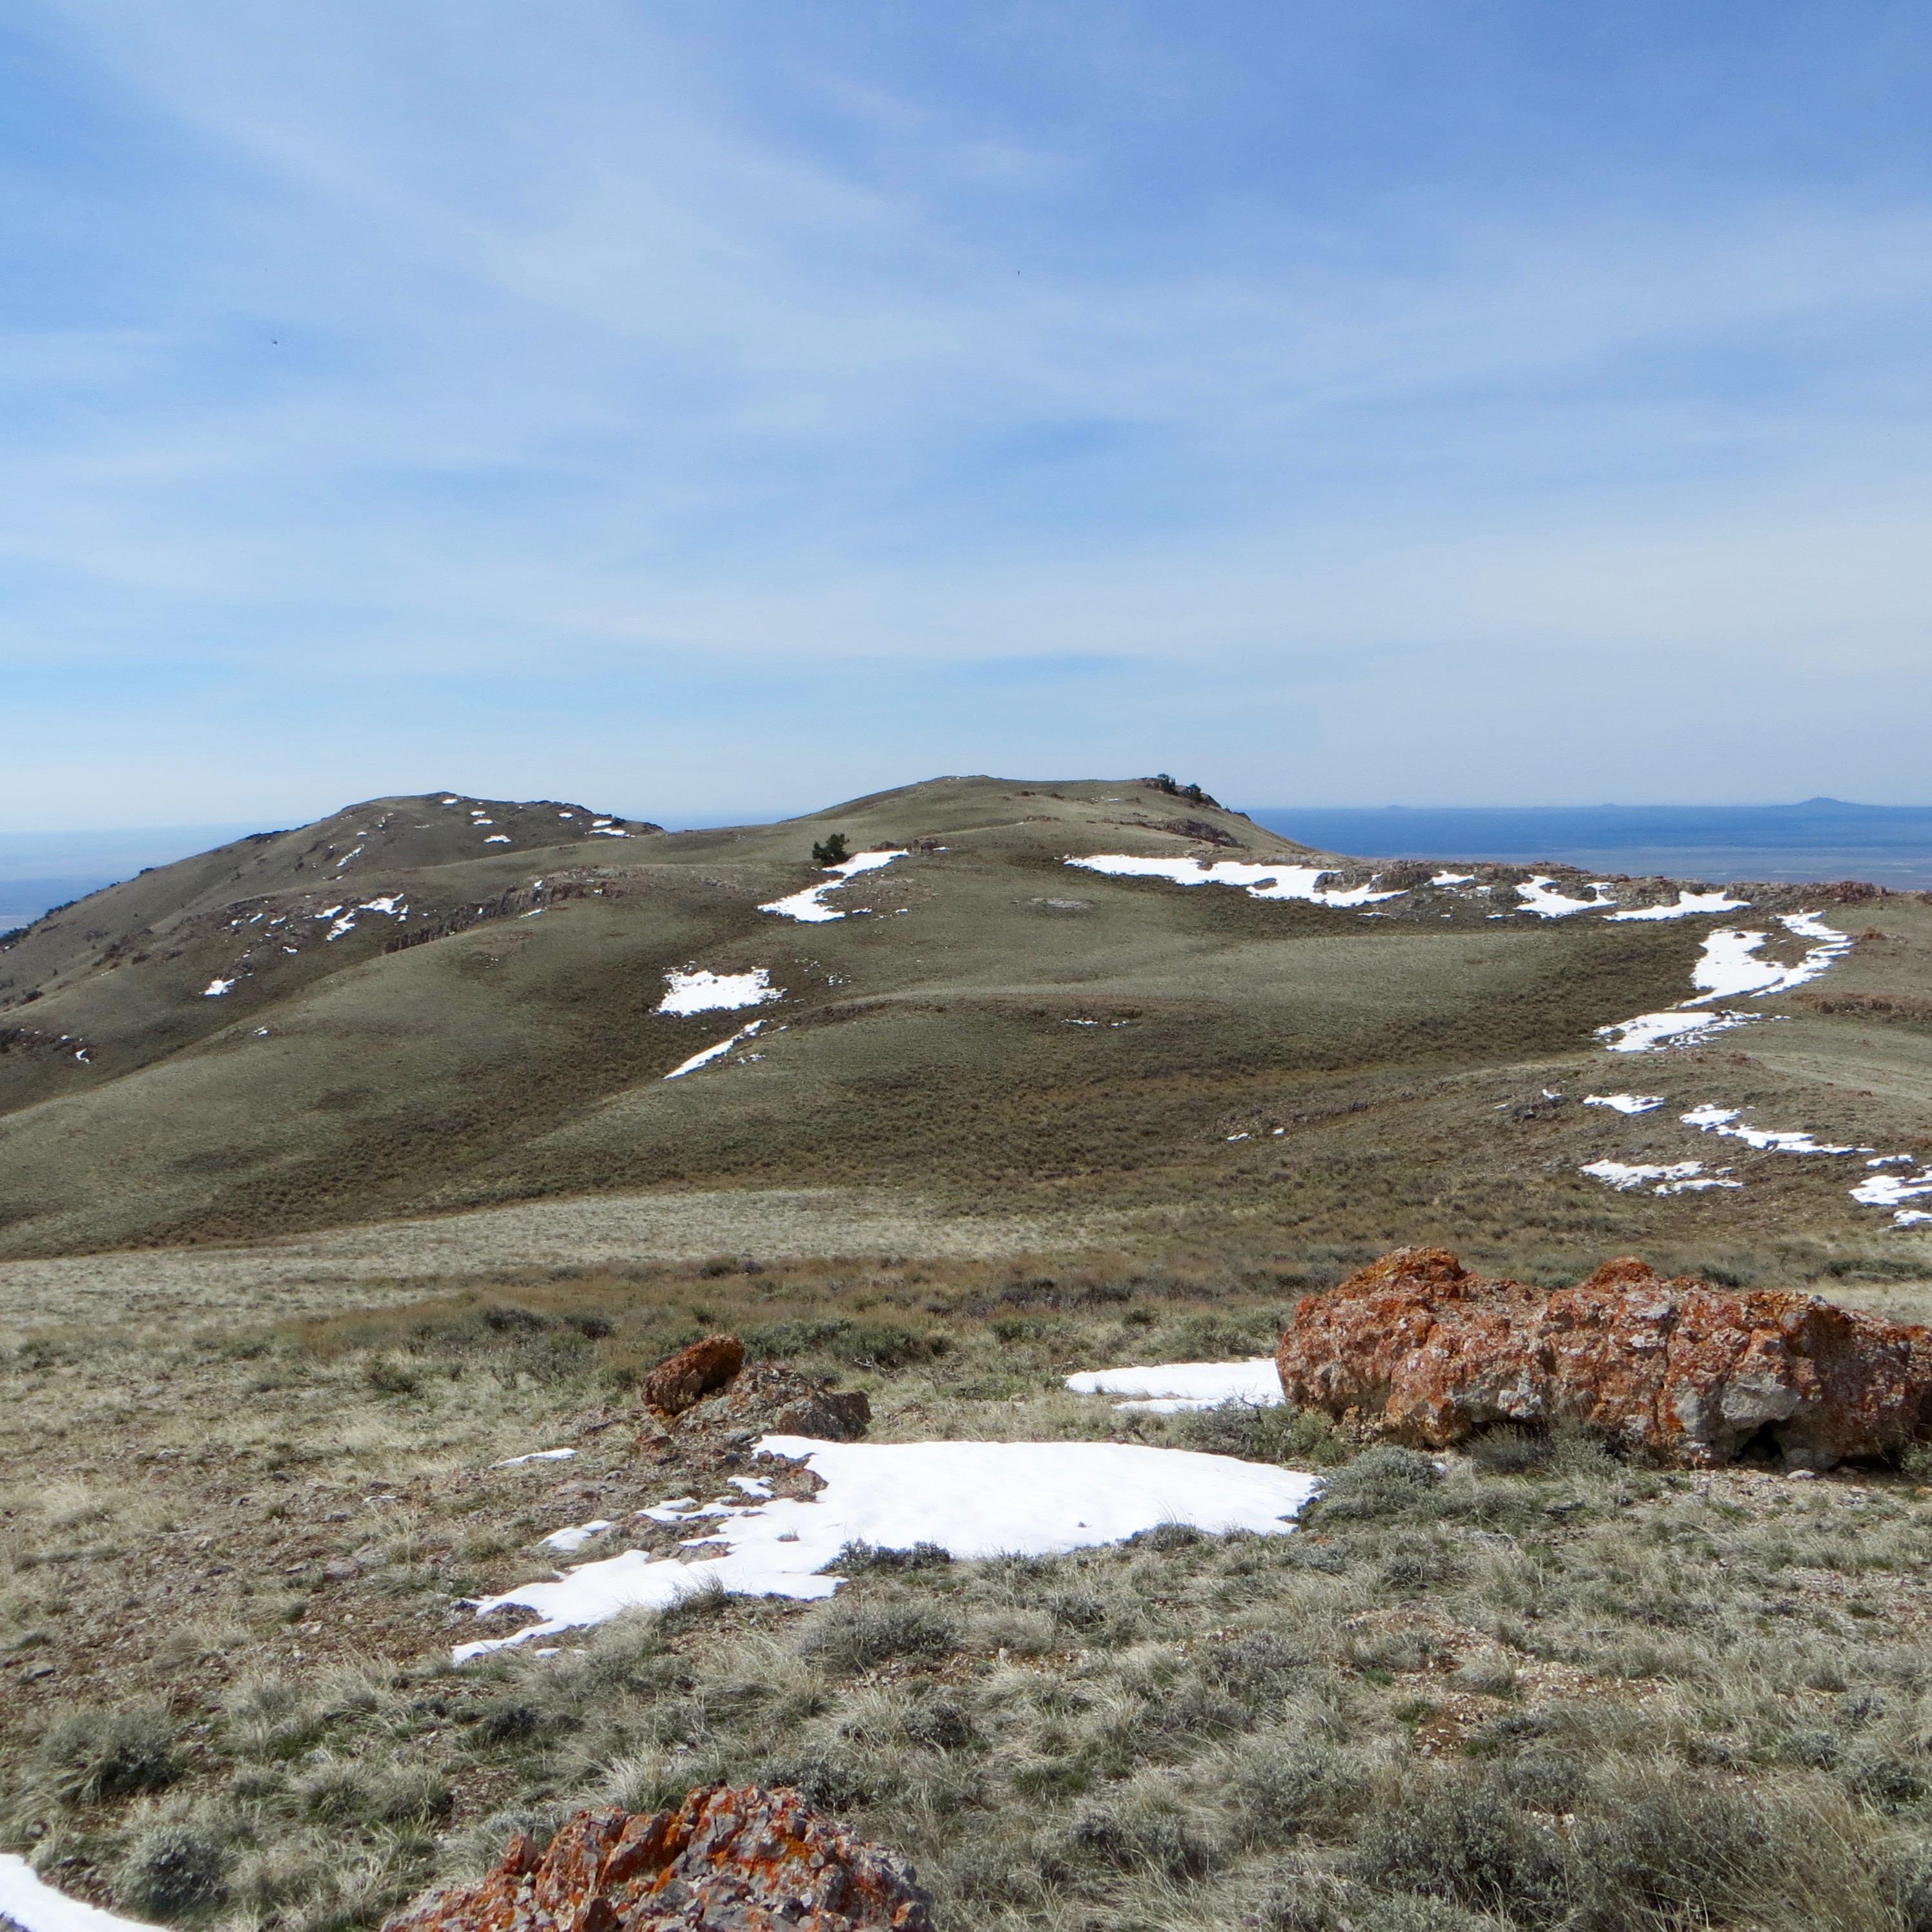 On the summit ridge, looking at the summit of Peak 8082. Steve Mandella photo.